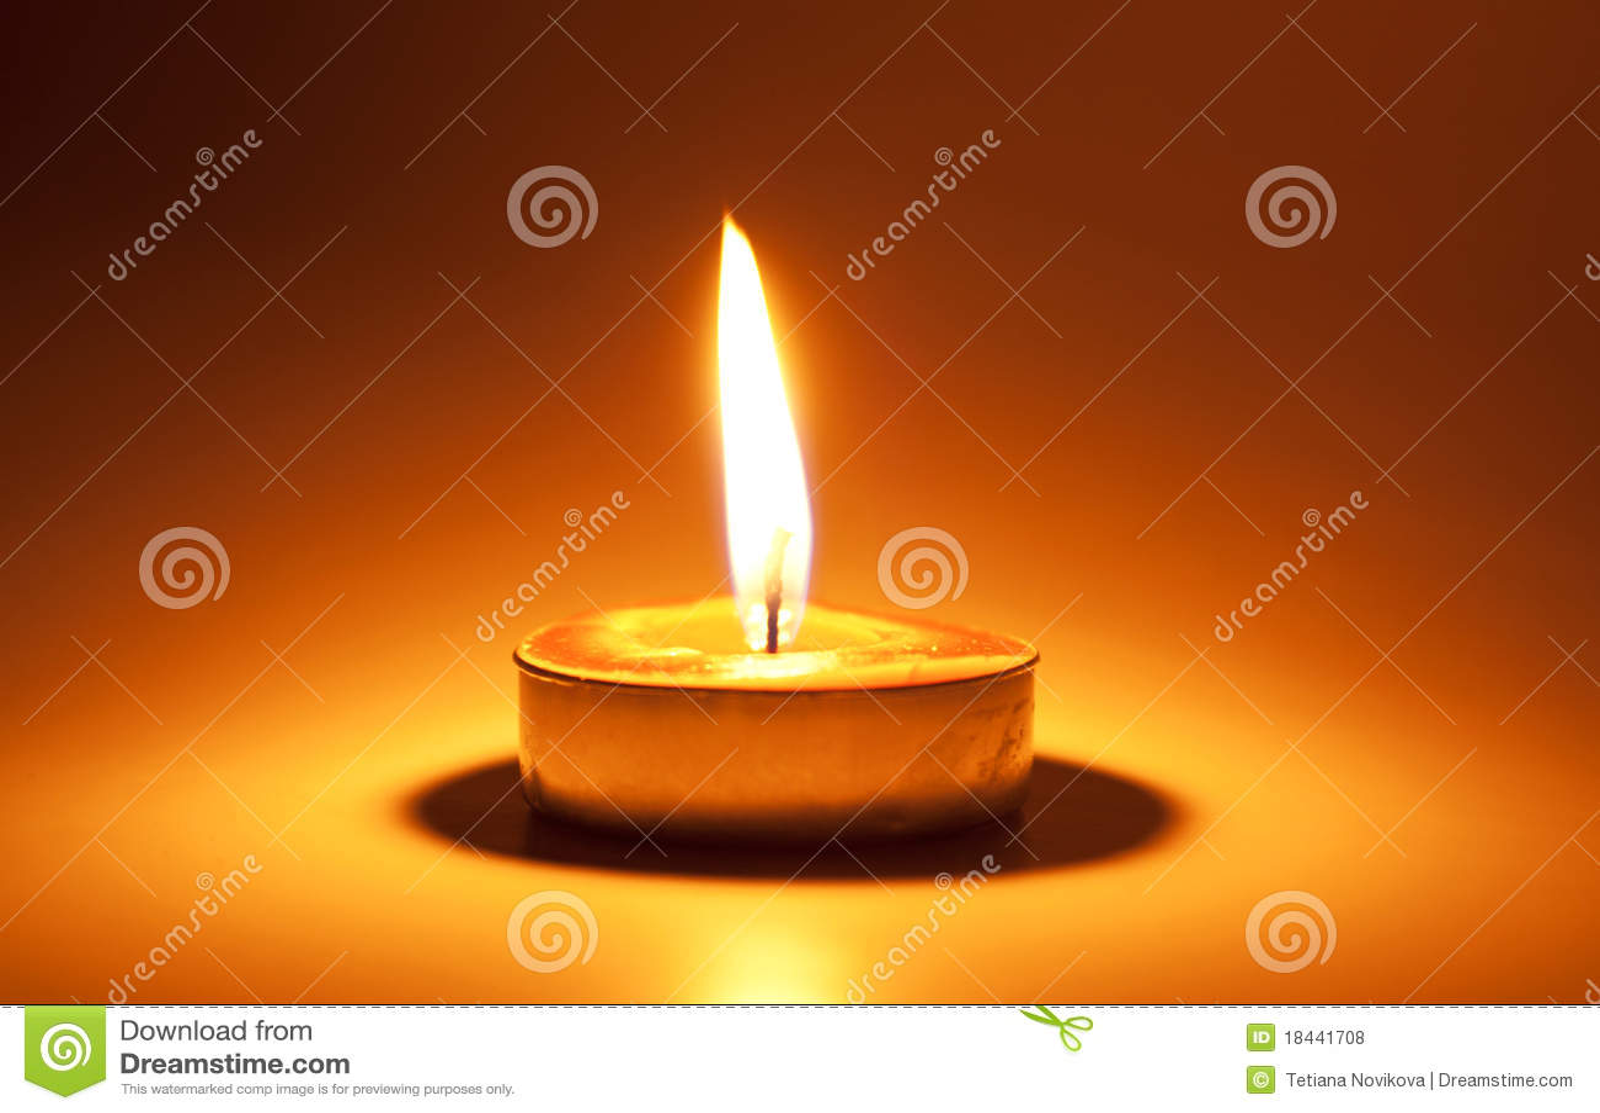 горящая свечка